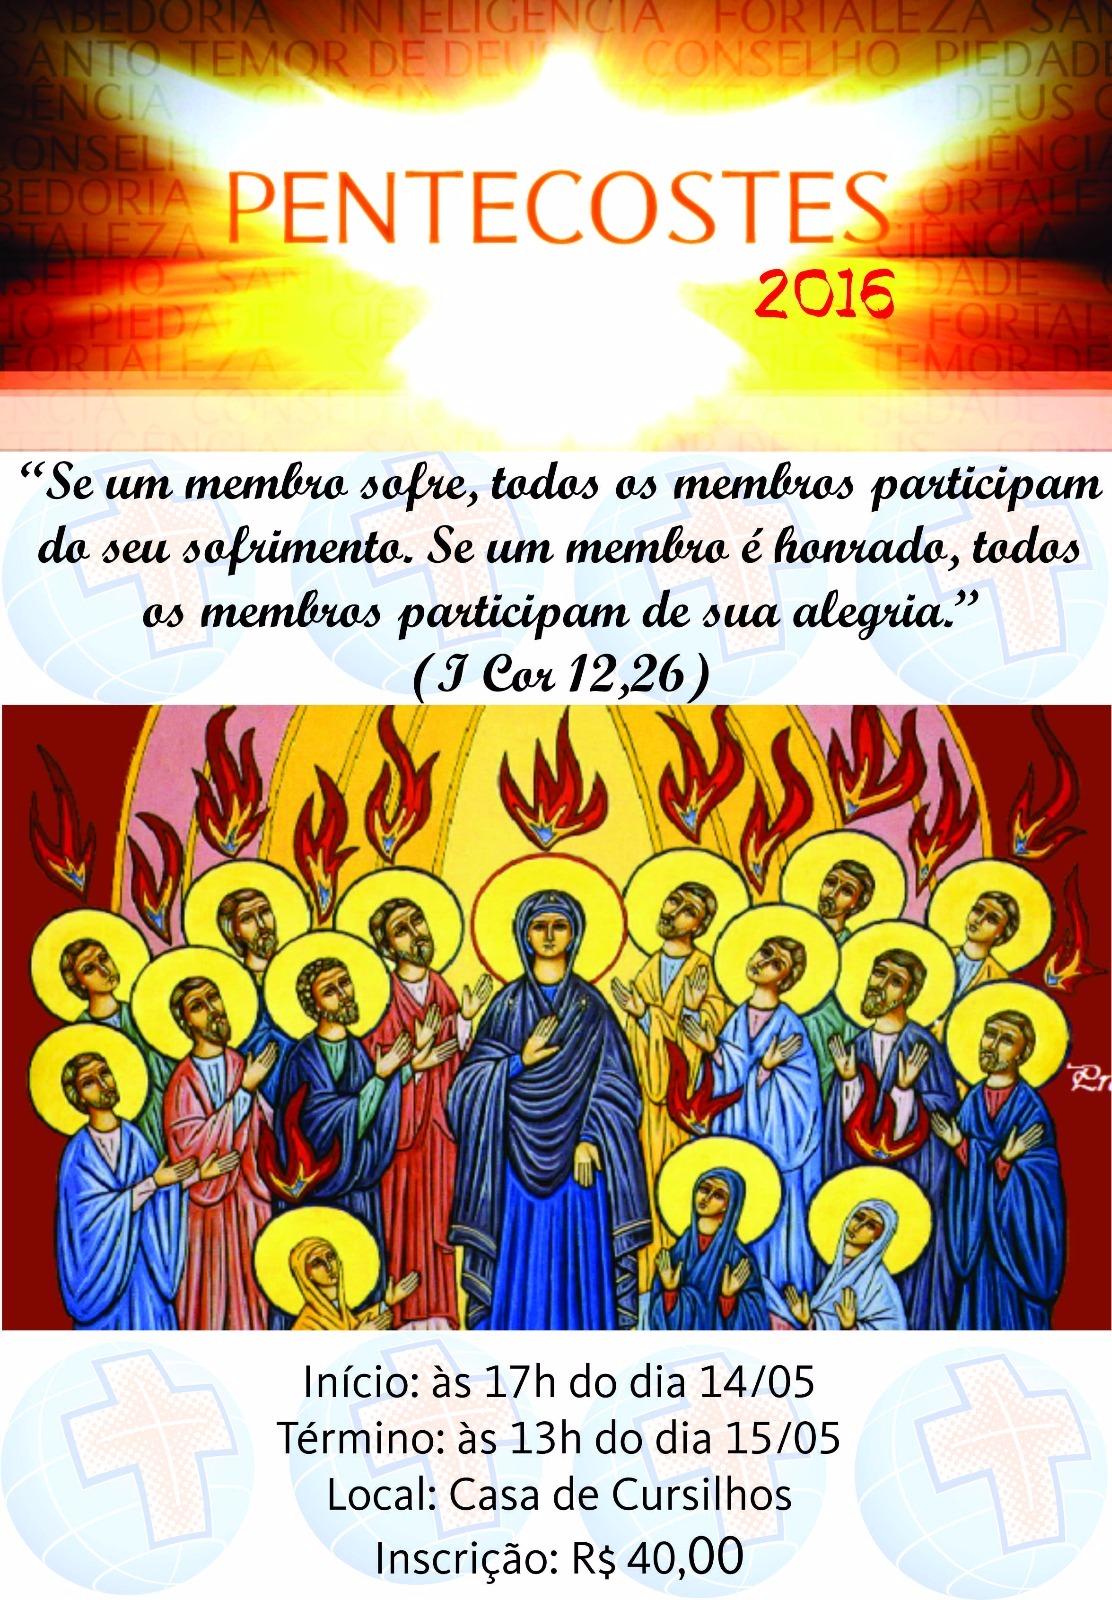 Movimento de Cursilhos de Cristandade de Fortaleza promove Vigília de Pentecostes